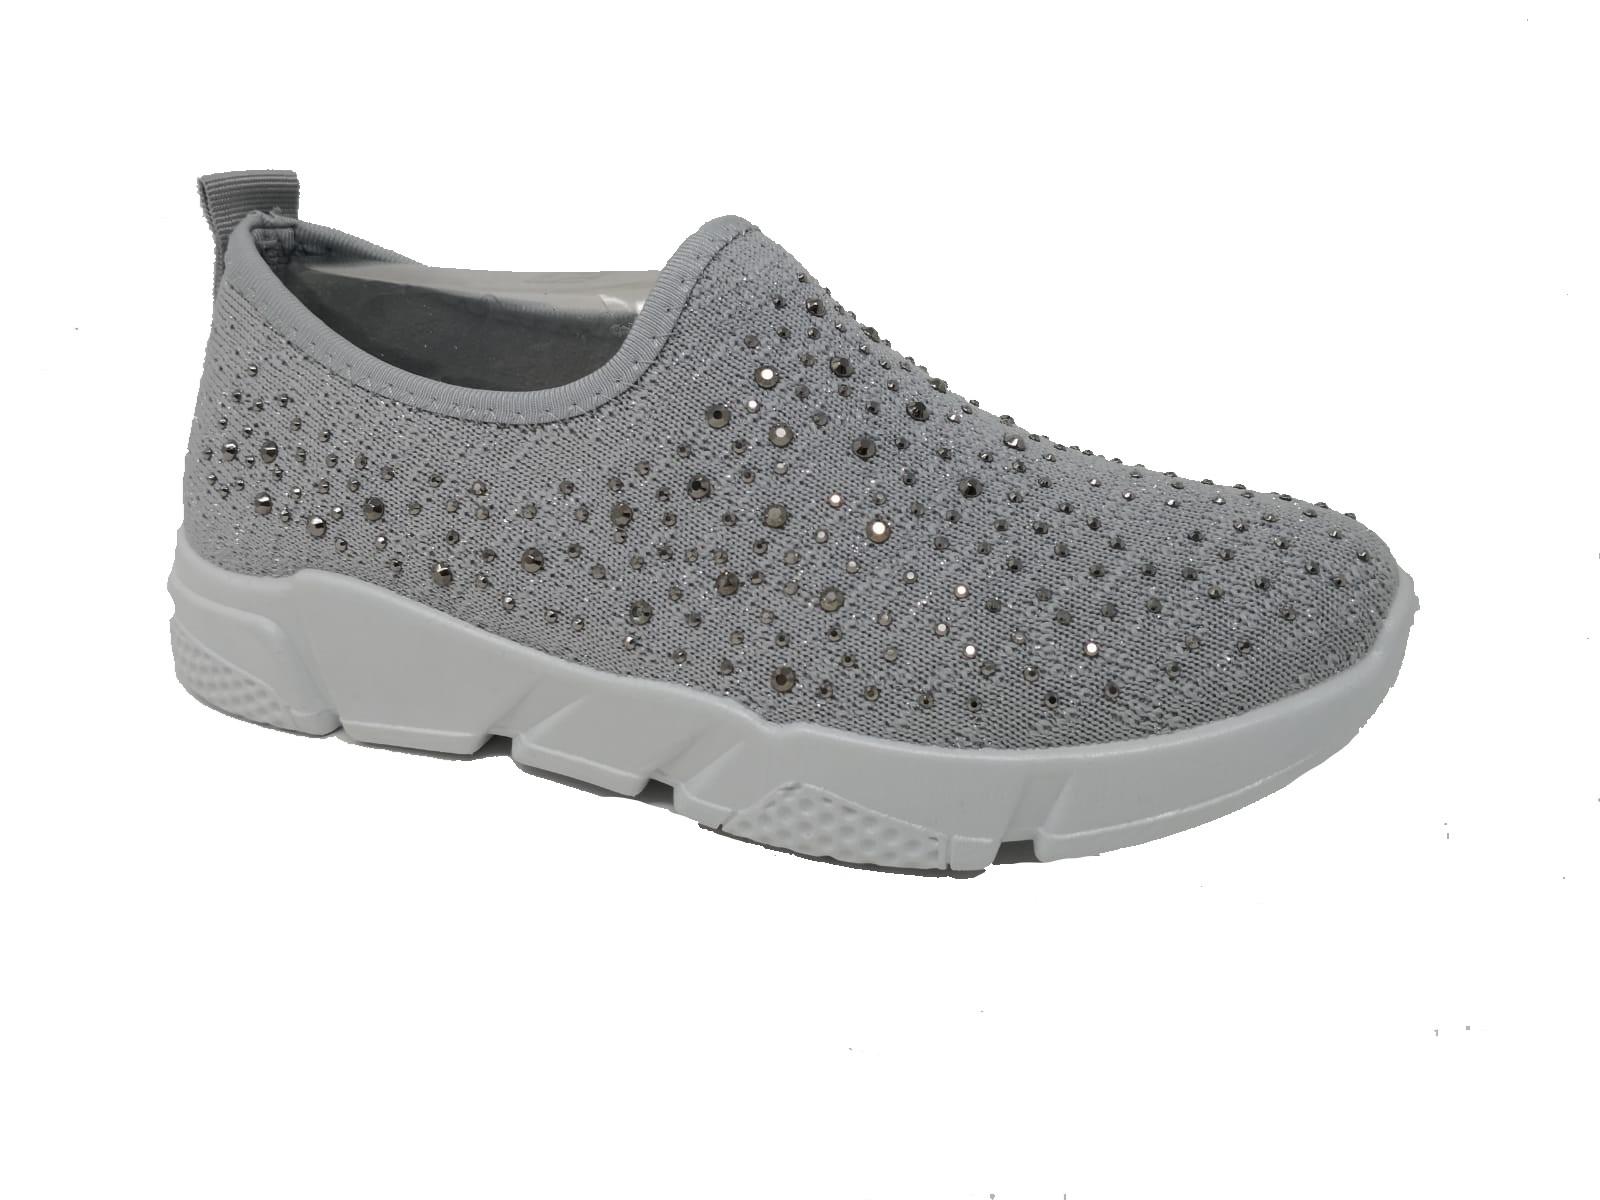 c3866 gris